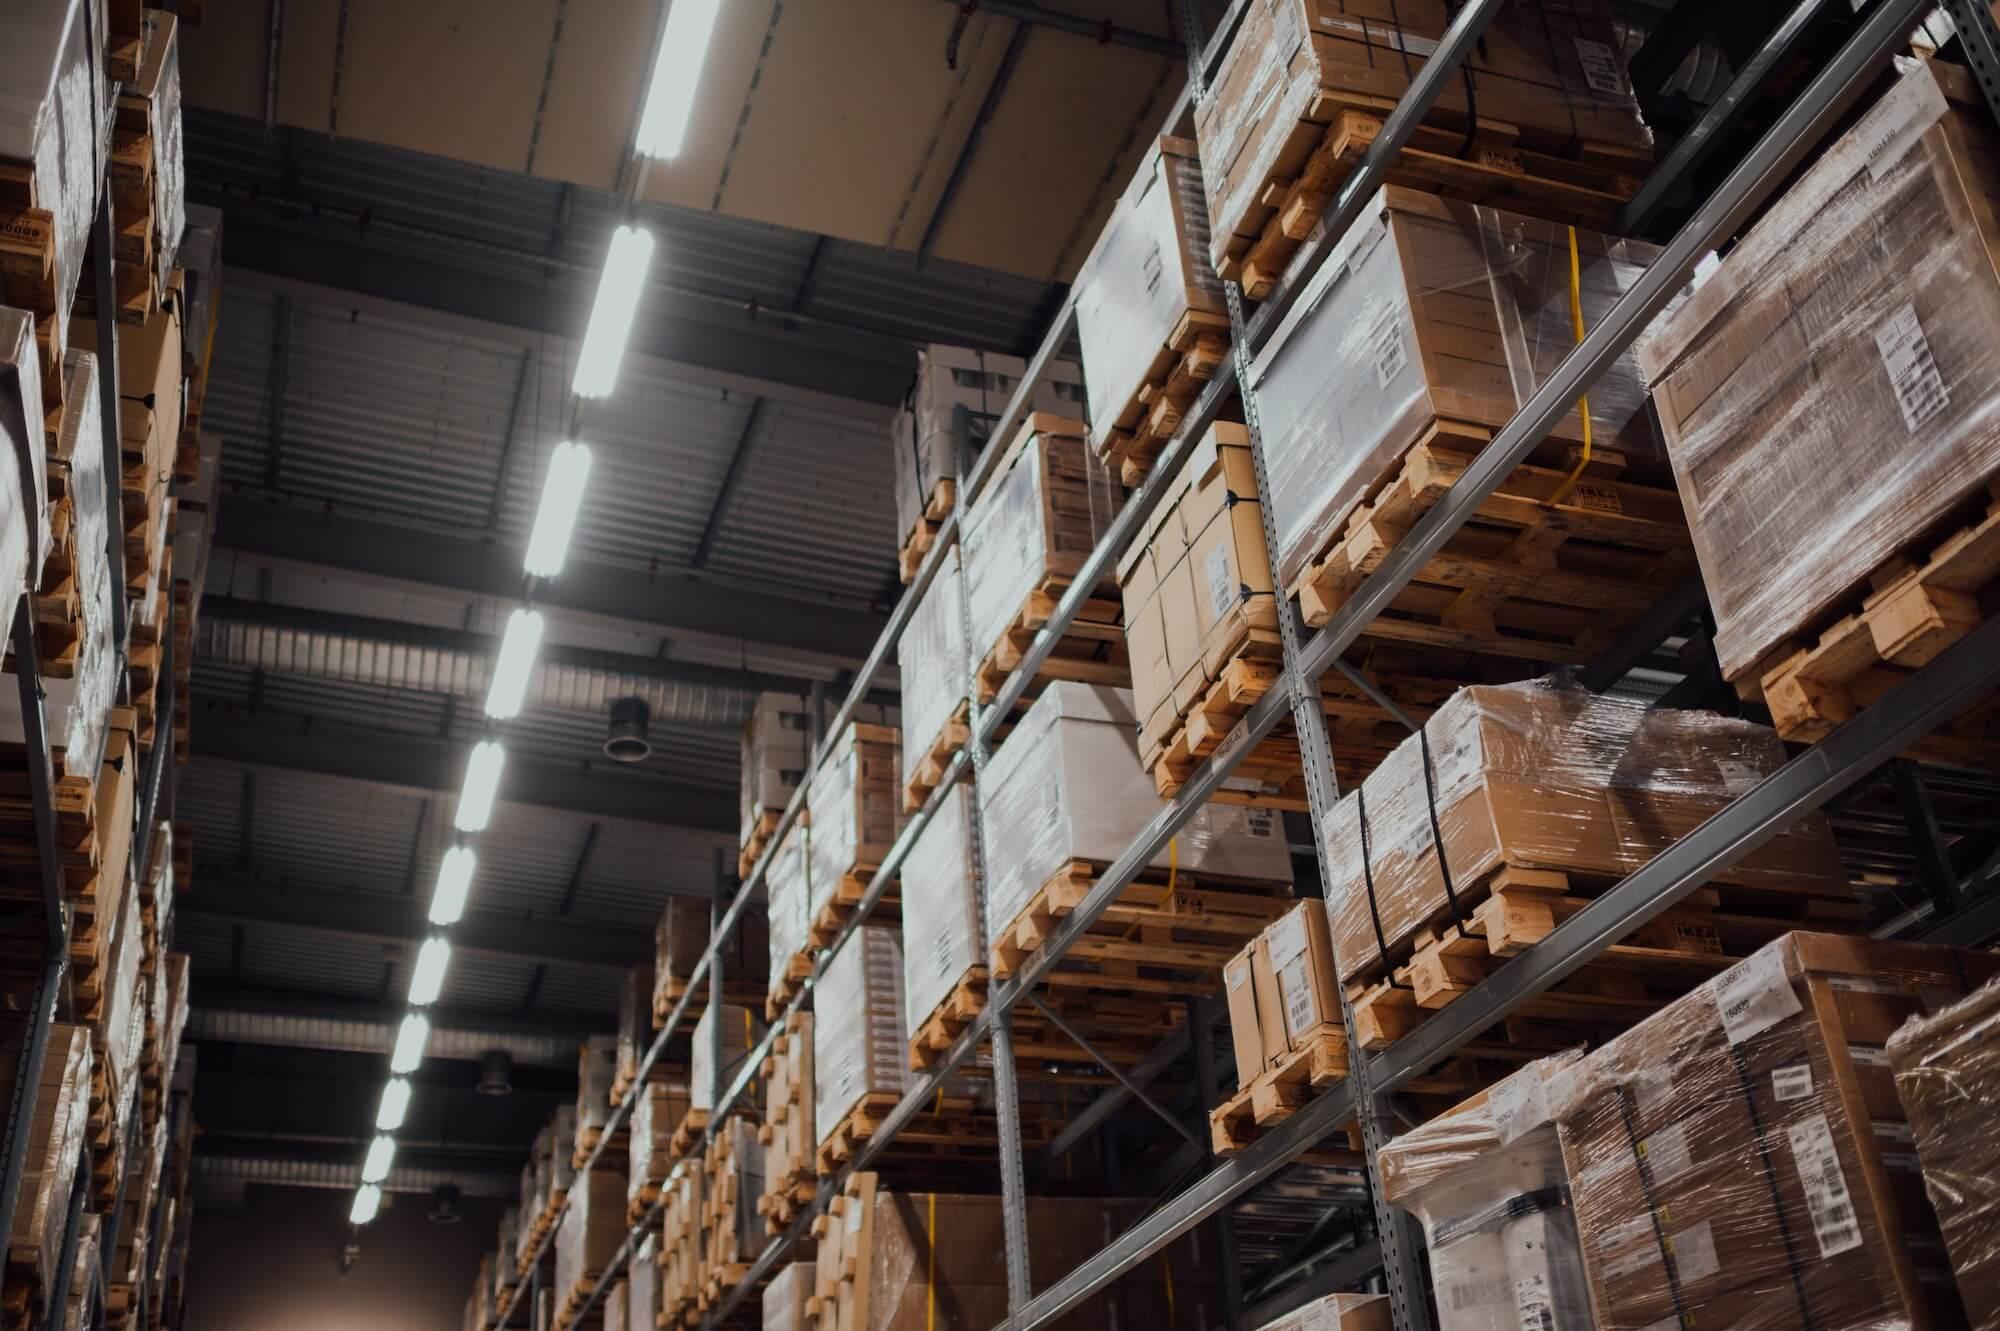 Rayons de stockage d'articles dans un entrepôt